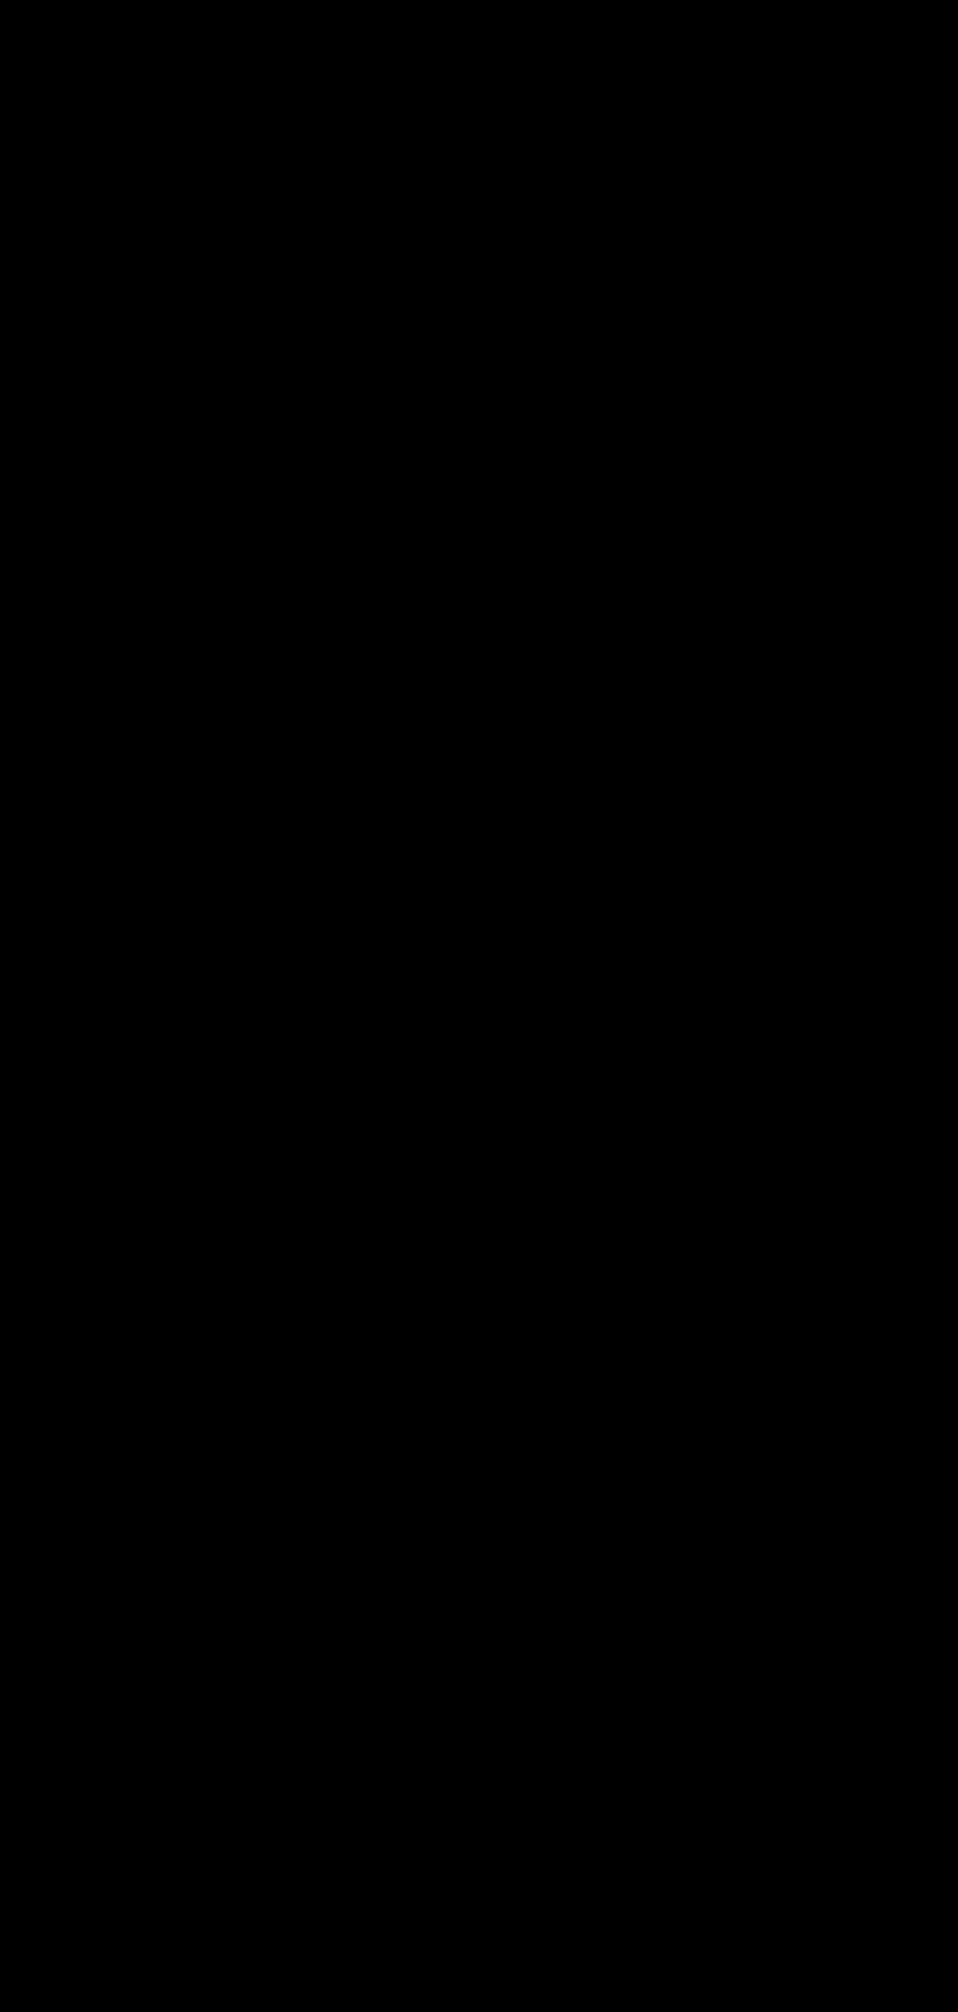 Public Domain Clip Art Image | Dragon silhouette | ID ...